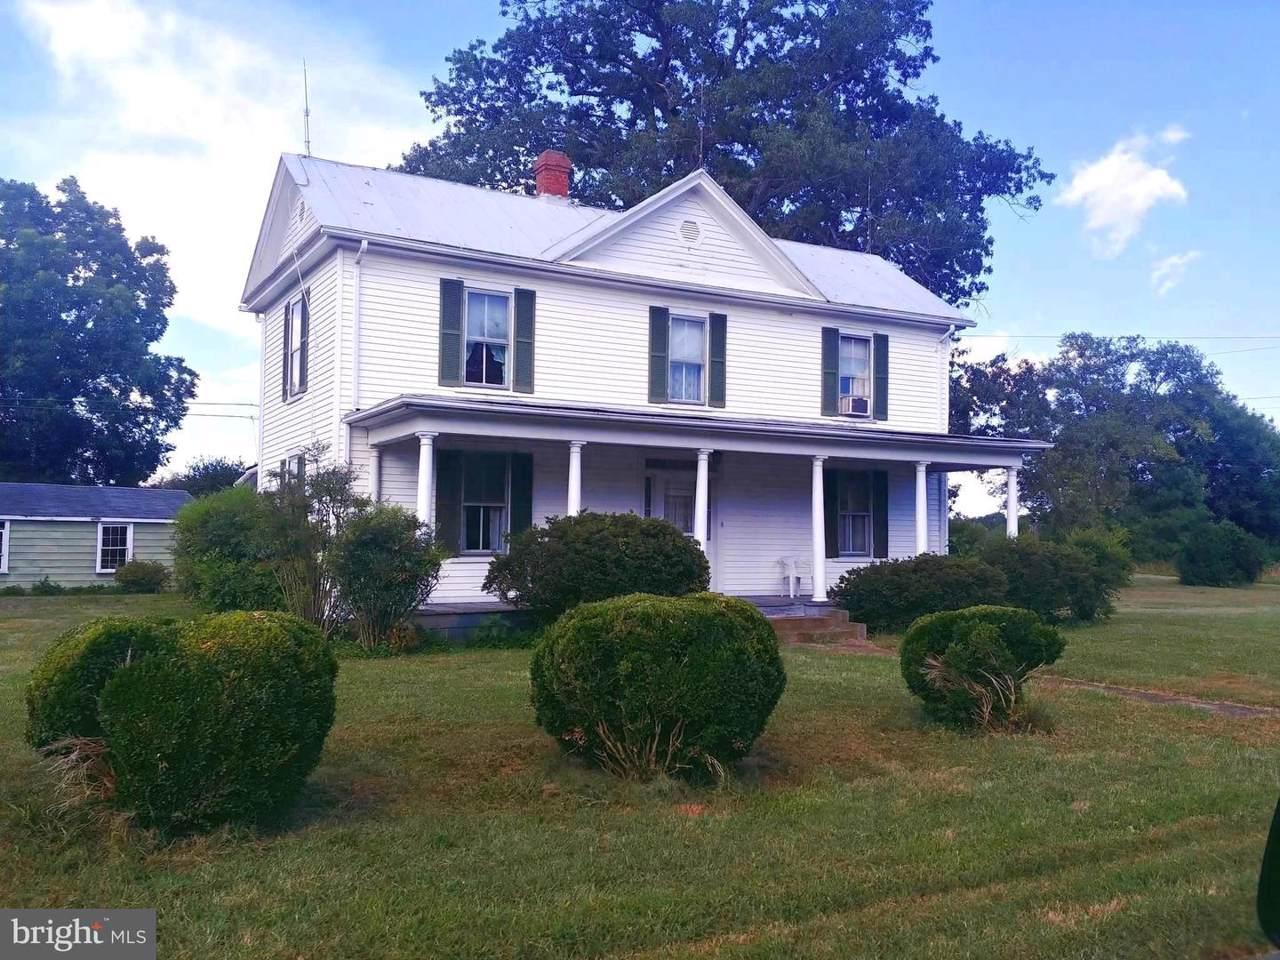 25447 Lafayette Drive - Photo 1